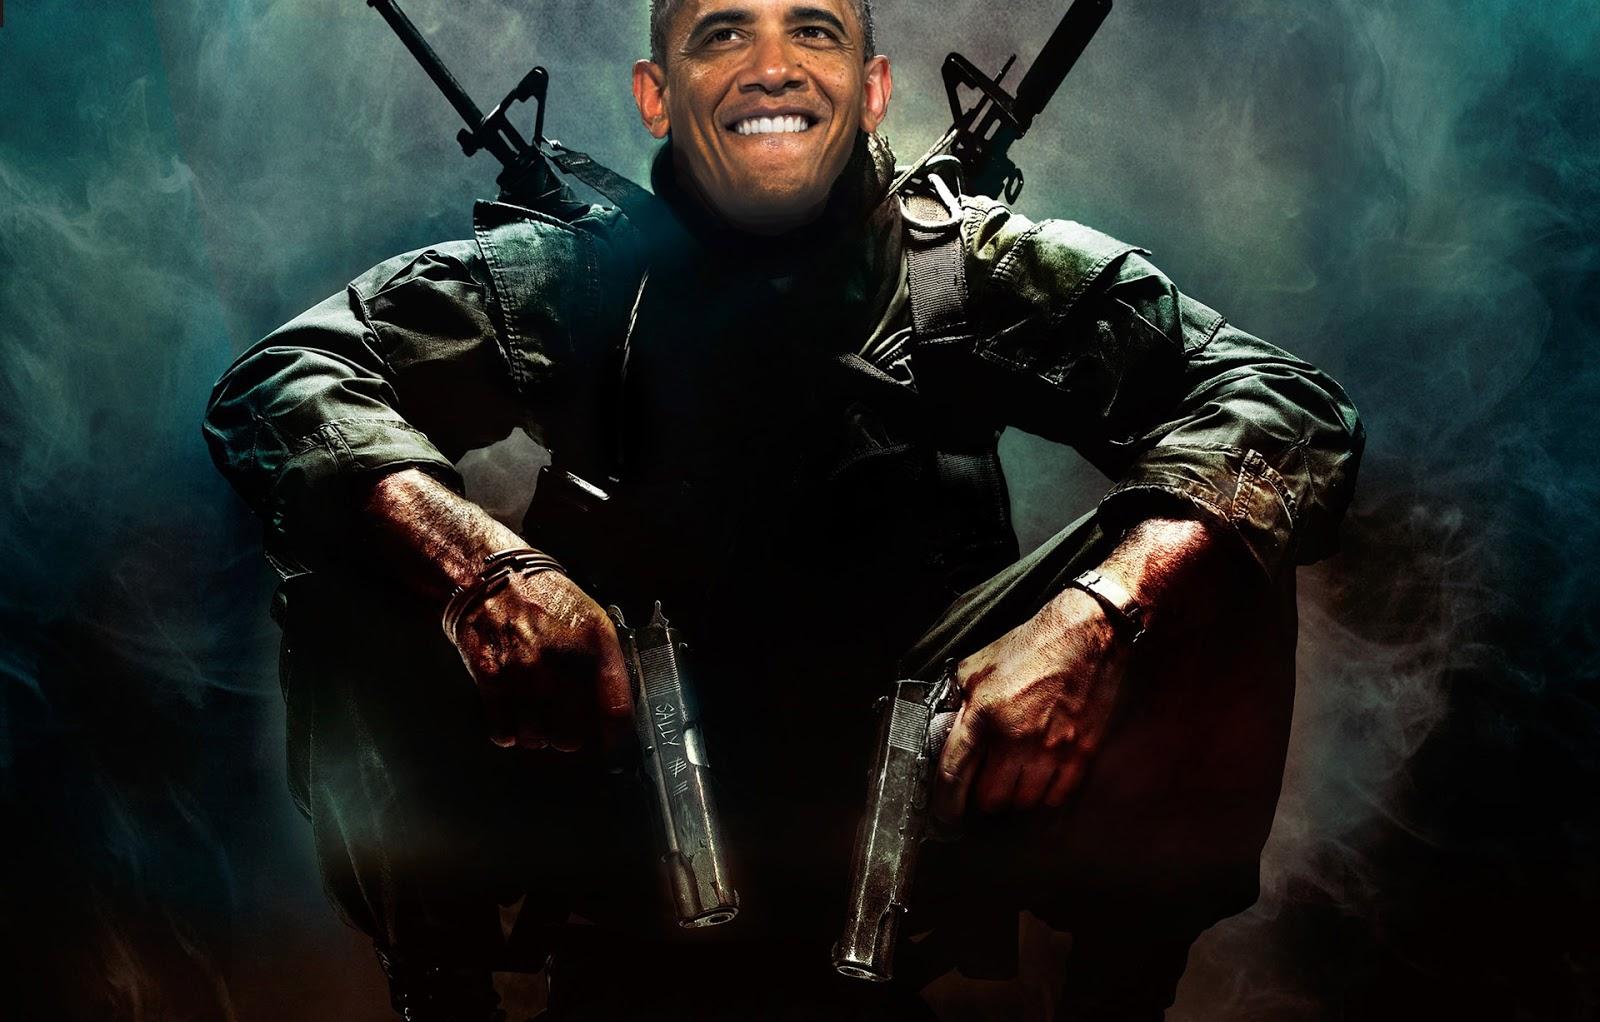 http://1.bp.blogspot.com/-6aIRq5qjfl4/UTKF-BNhjzI/AAAAAAAAGF8/XZ8tC9rdtaI/s1600/obama+with+guns+The+Godless+Liberal.jpg